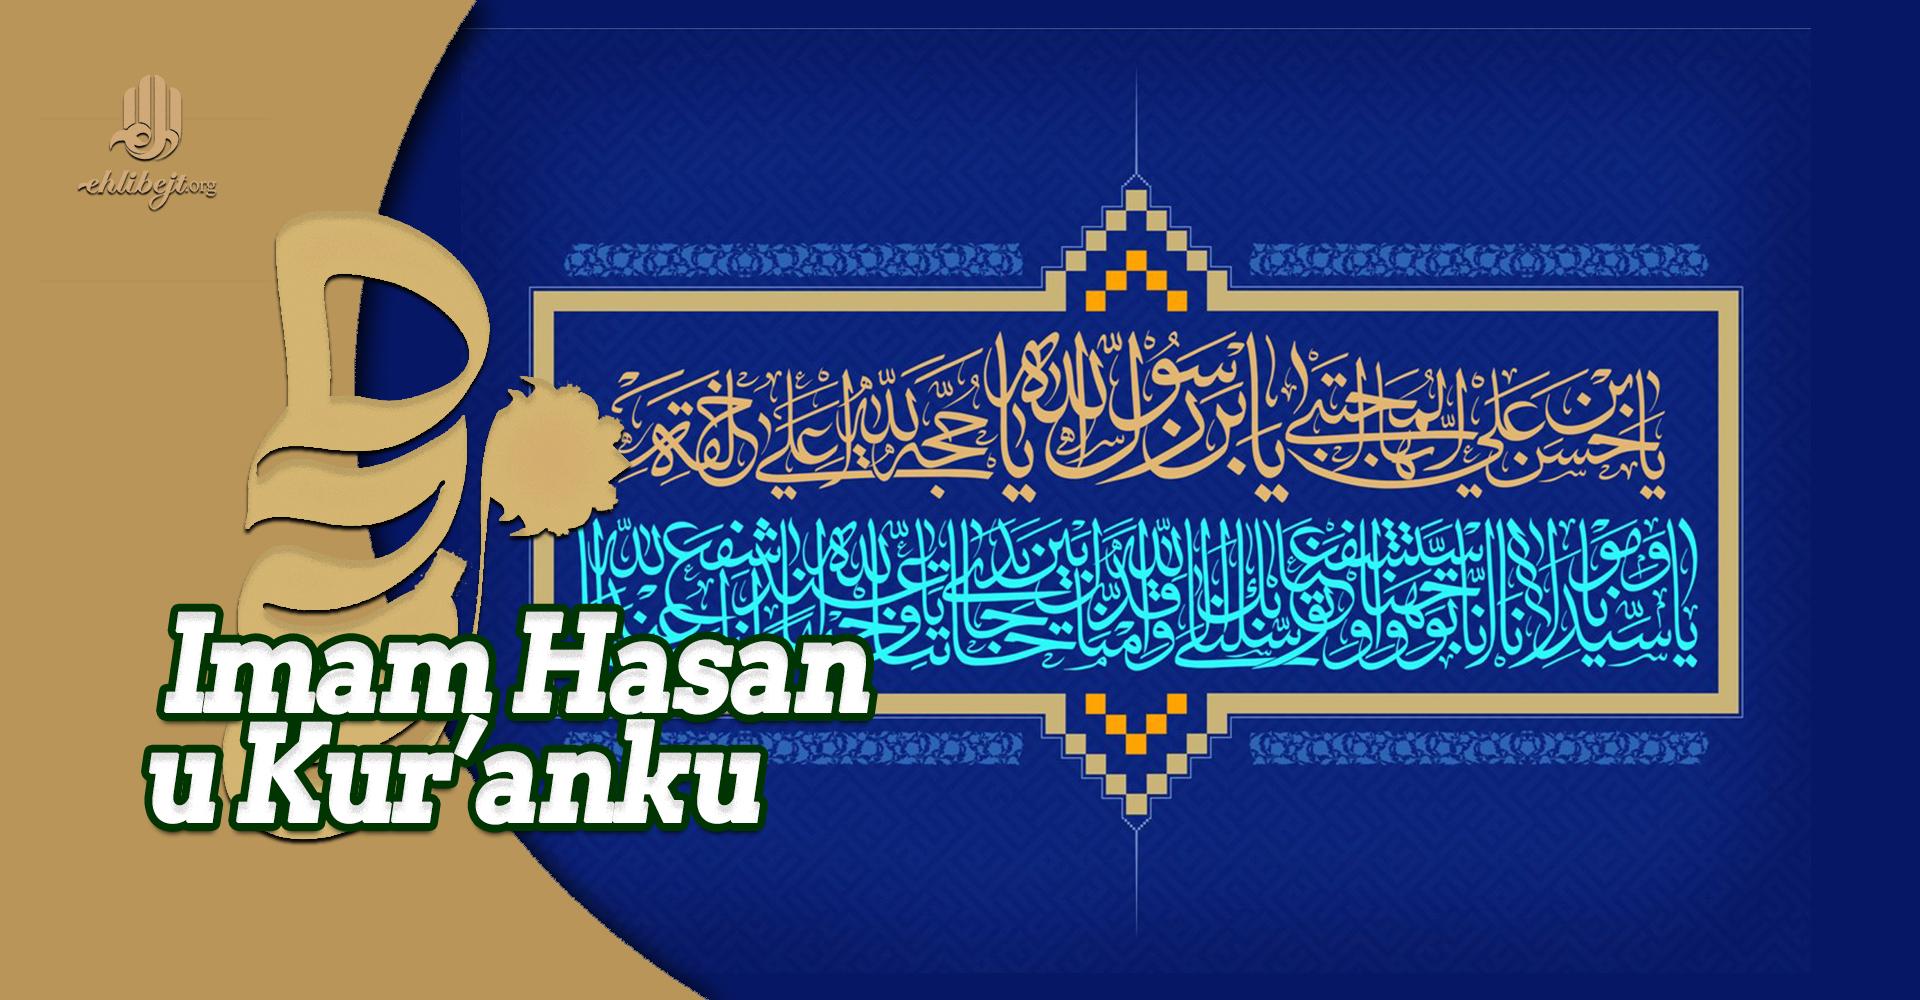 Položaj Imama Hasana Mudžtebe u časnom Kur'anku